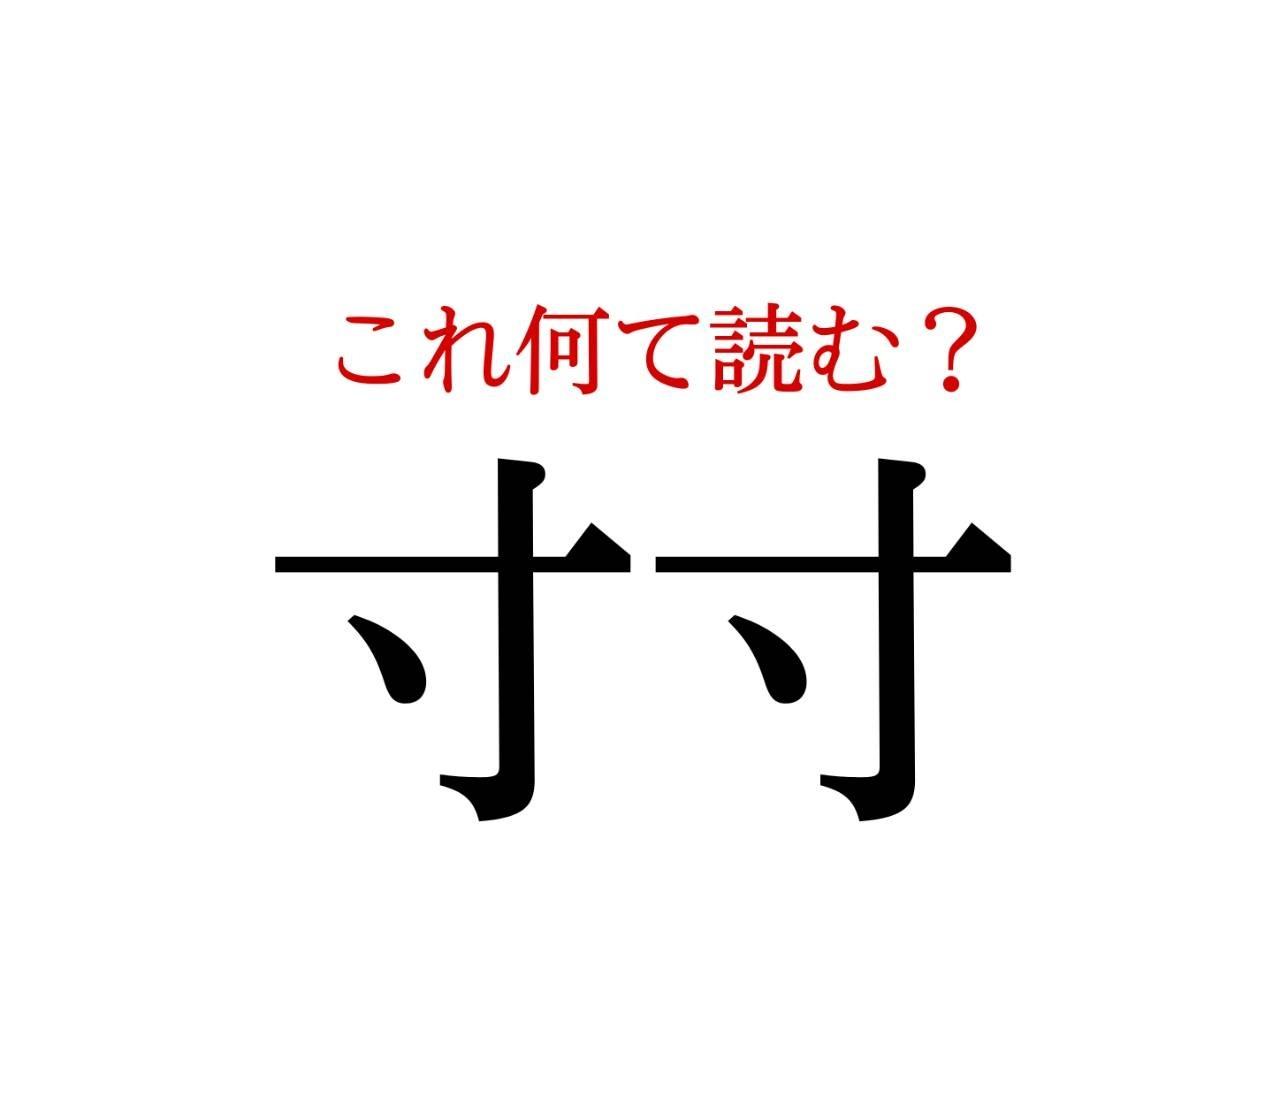 「寸寸」:この漢字、自信を持って読めますか?【働く大人の漢字クイズvol.72】